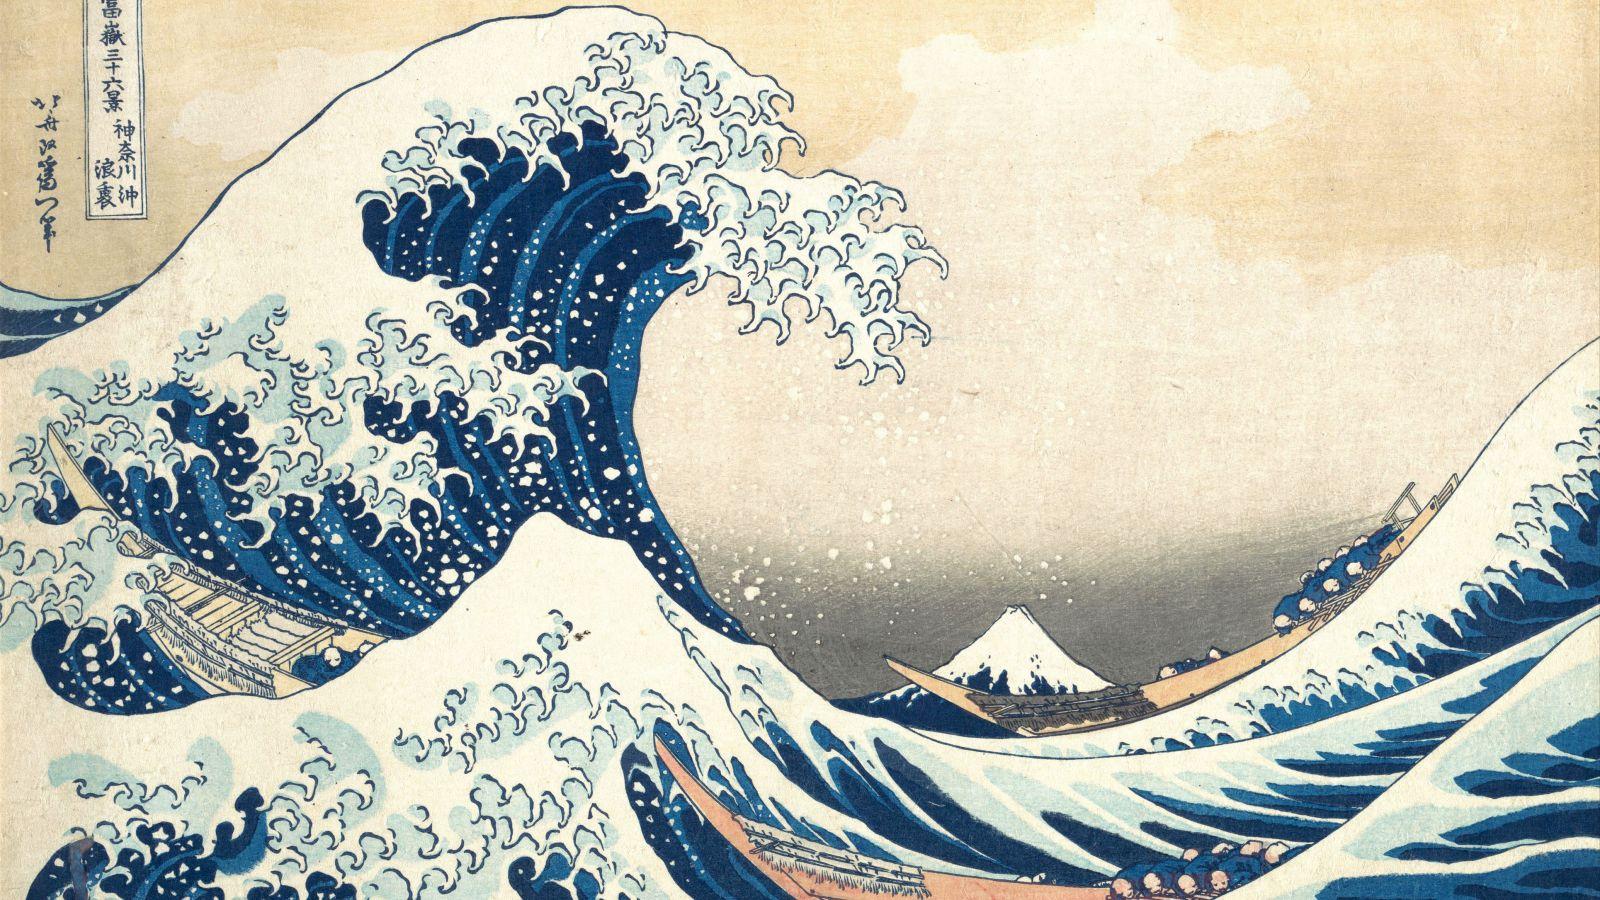 Κατσουσίκα Χοκουσάι: 103 έργα του που δεν είχαν έρθει ποτέ στο φως, εκτίθενται στο Βρετανικό Μουσείο